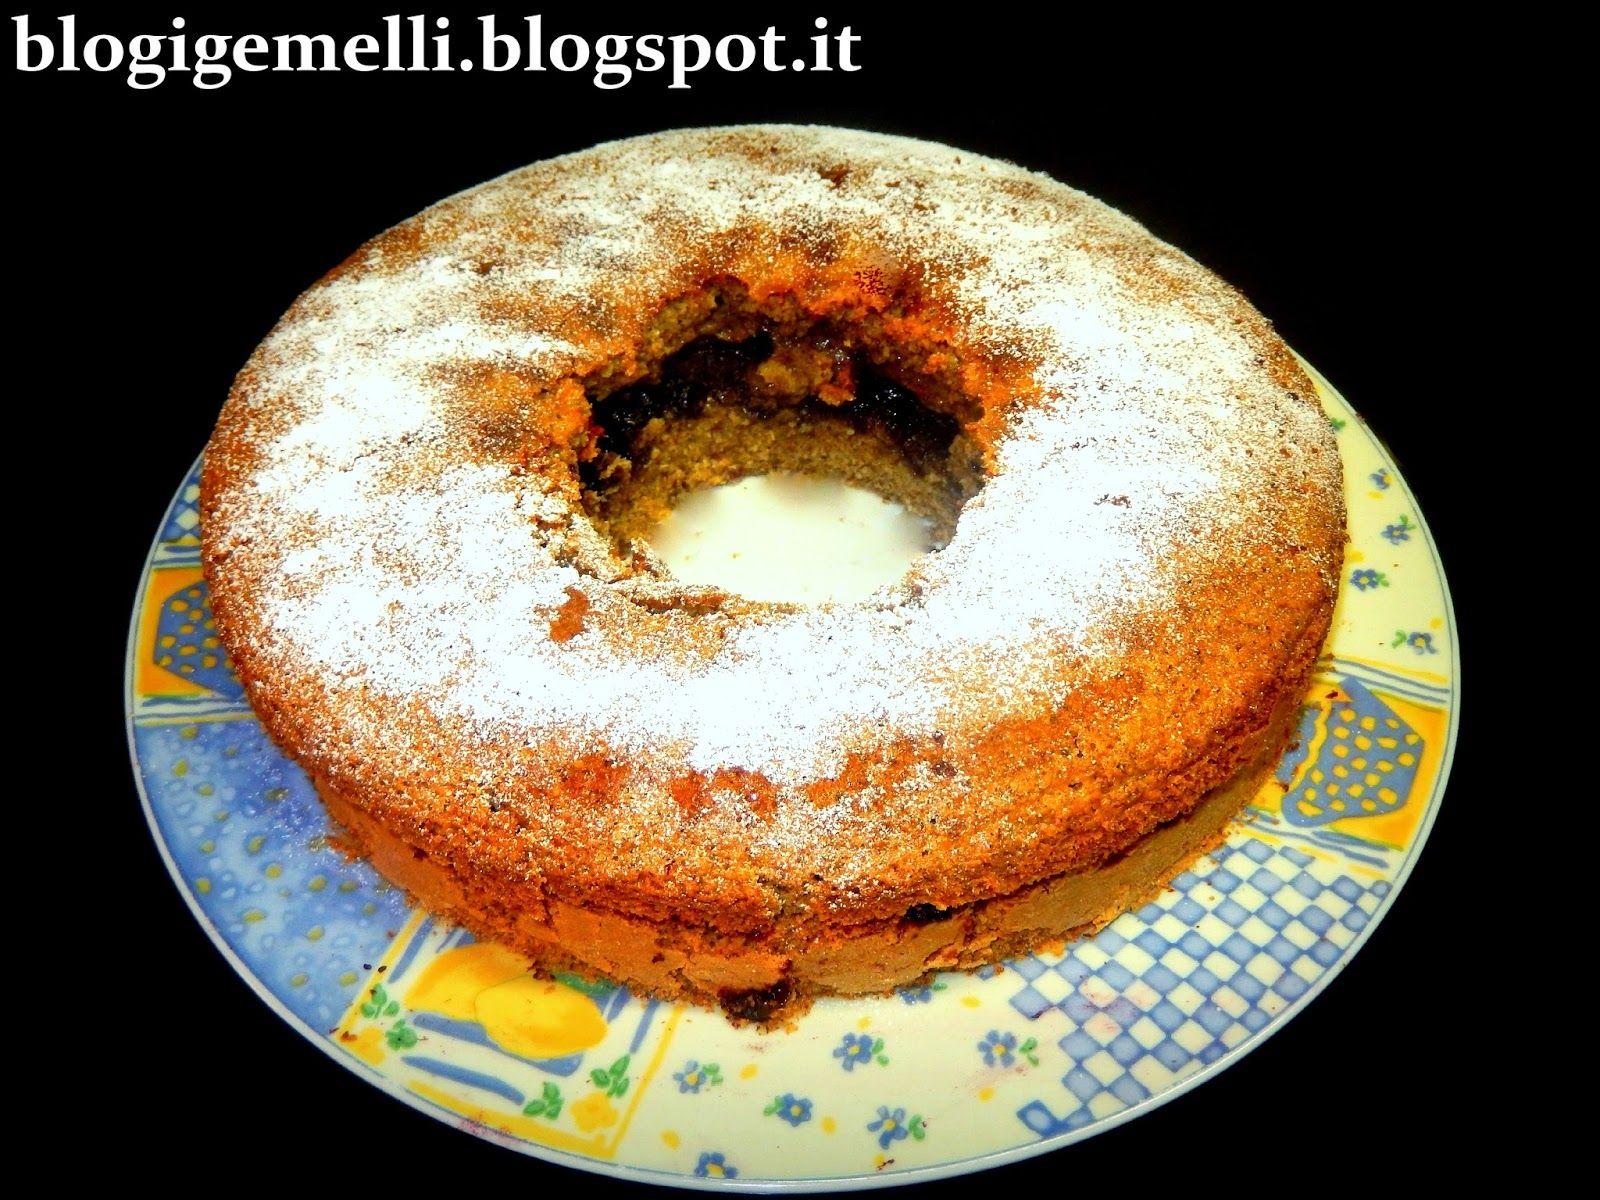 Ciambellone di grano saraceno con confettura biologica ai mirtilli http://blogigemelli.blogspot.it/2014/07/ciambellone-di-grano-saraceno-con.html#more